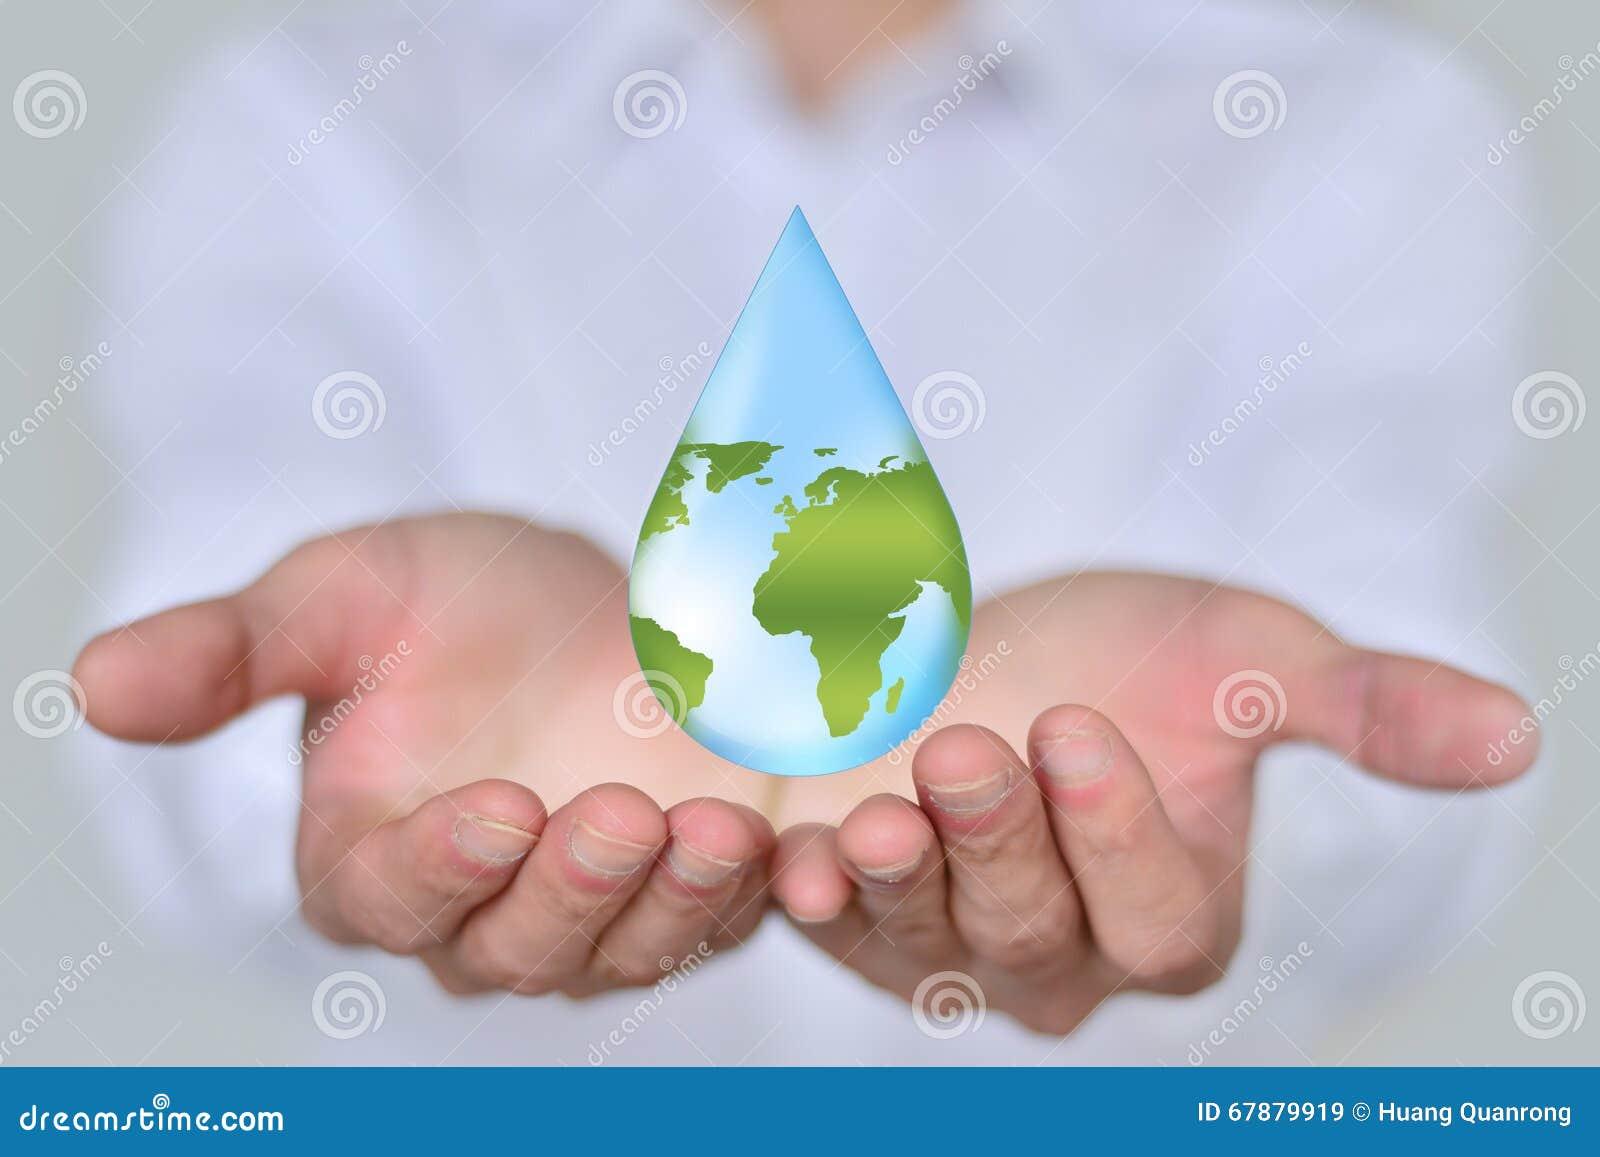 除地球水概念之外